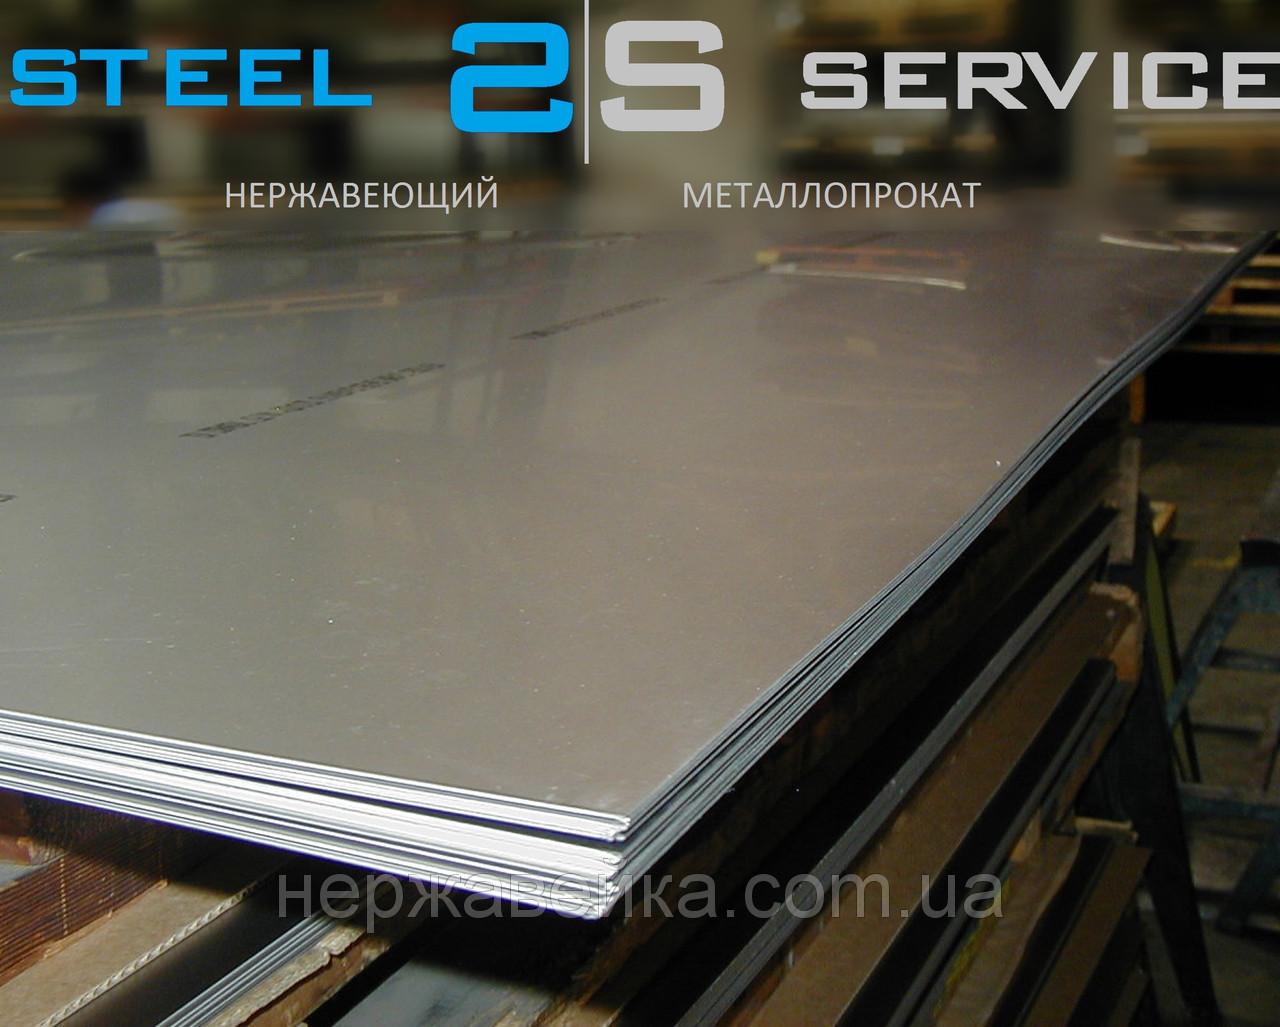 Листовая нержавейка 0,5х1000х2000мм AISI 316Ti(10Х17Н13М2Т) BA - зеркало,  кислотостойкий